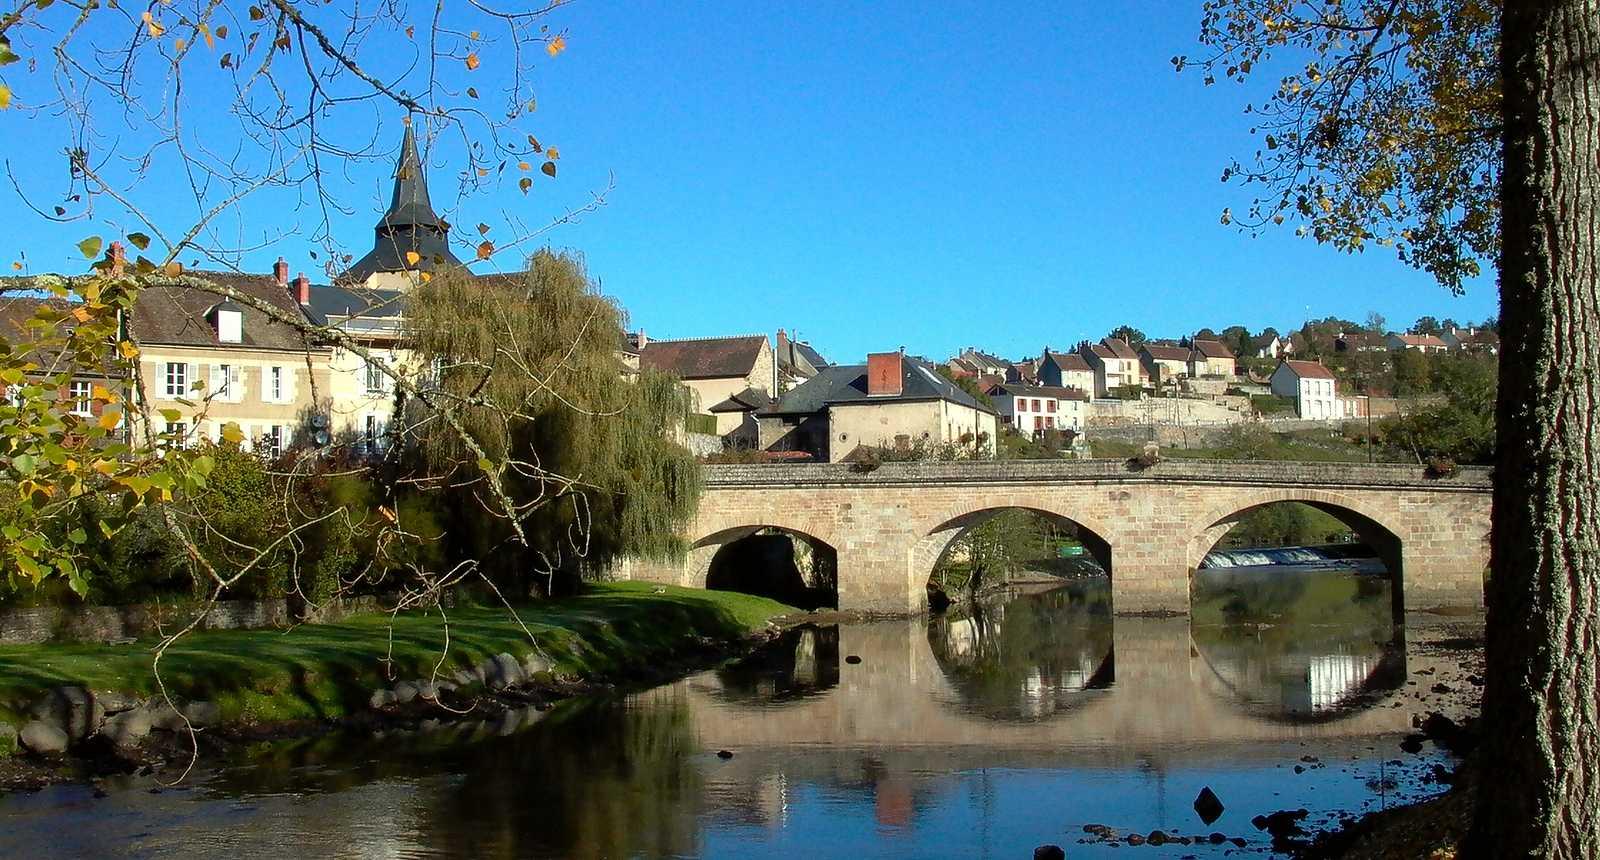 Vue sur le pont et la ville de La Celle-Dunoise